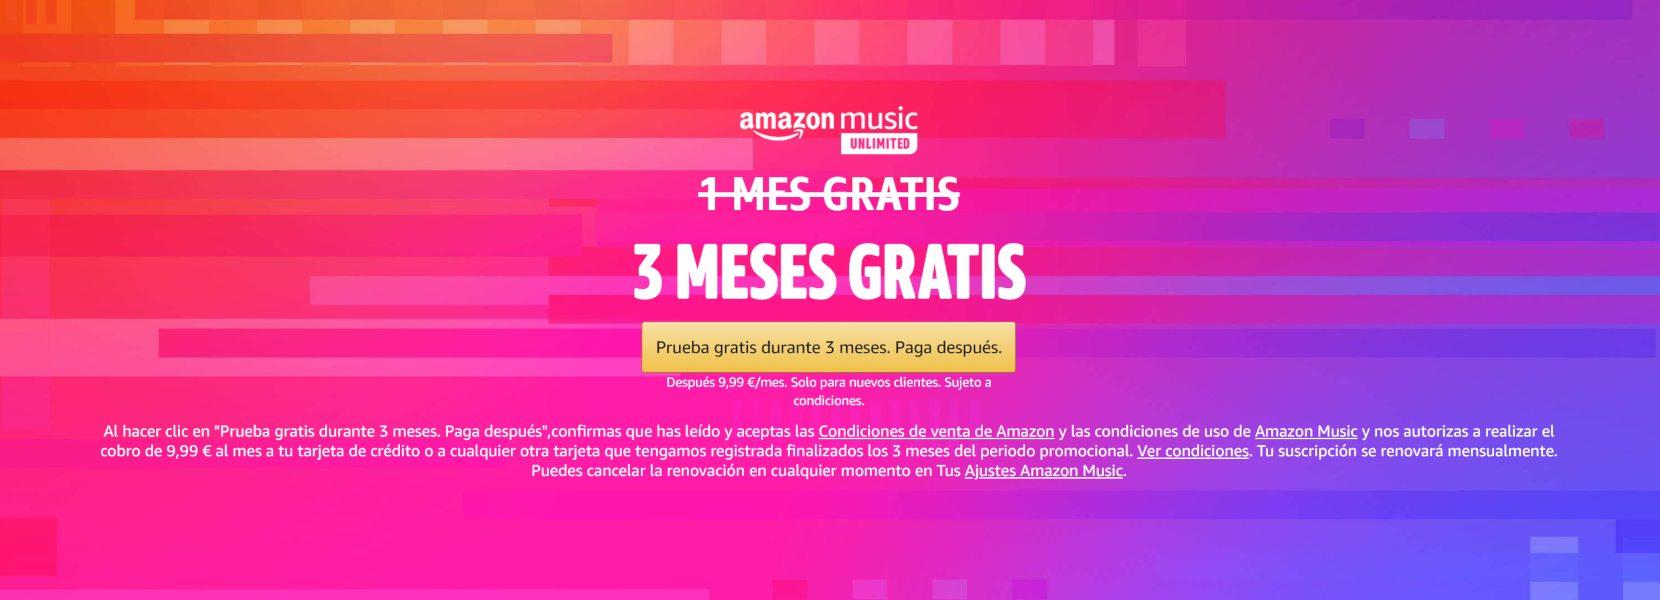 Amazon Music Unlimited GRATIS durante 3 meses